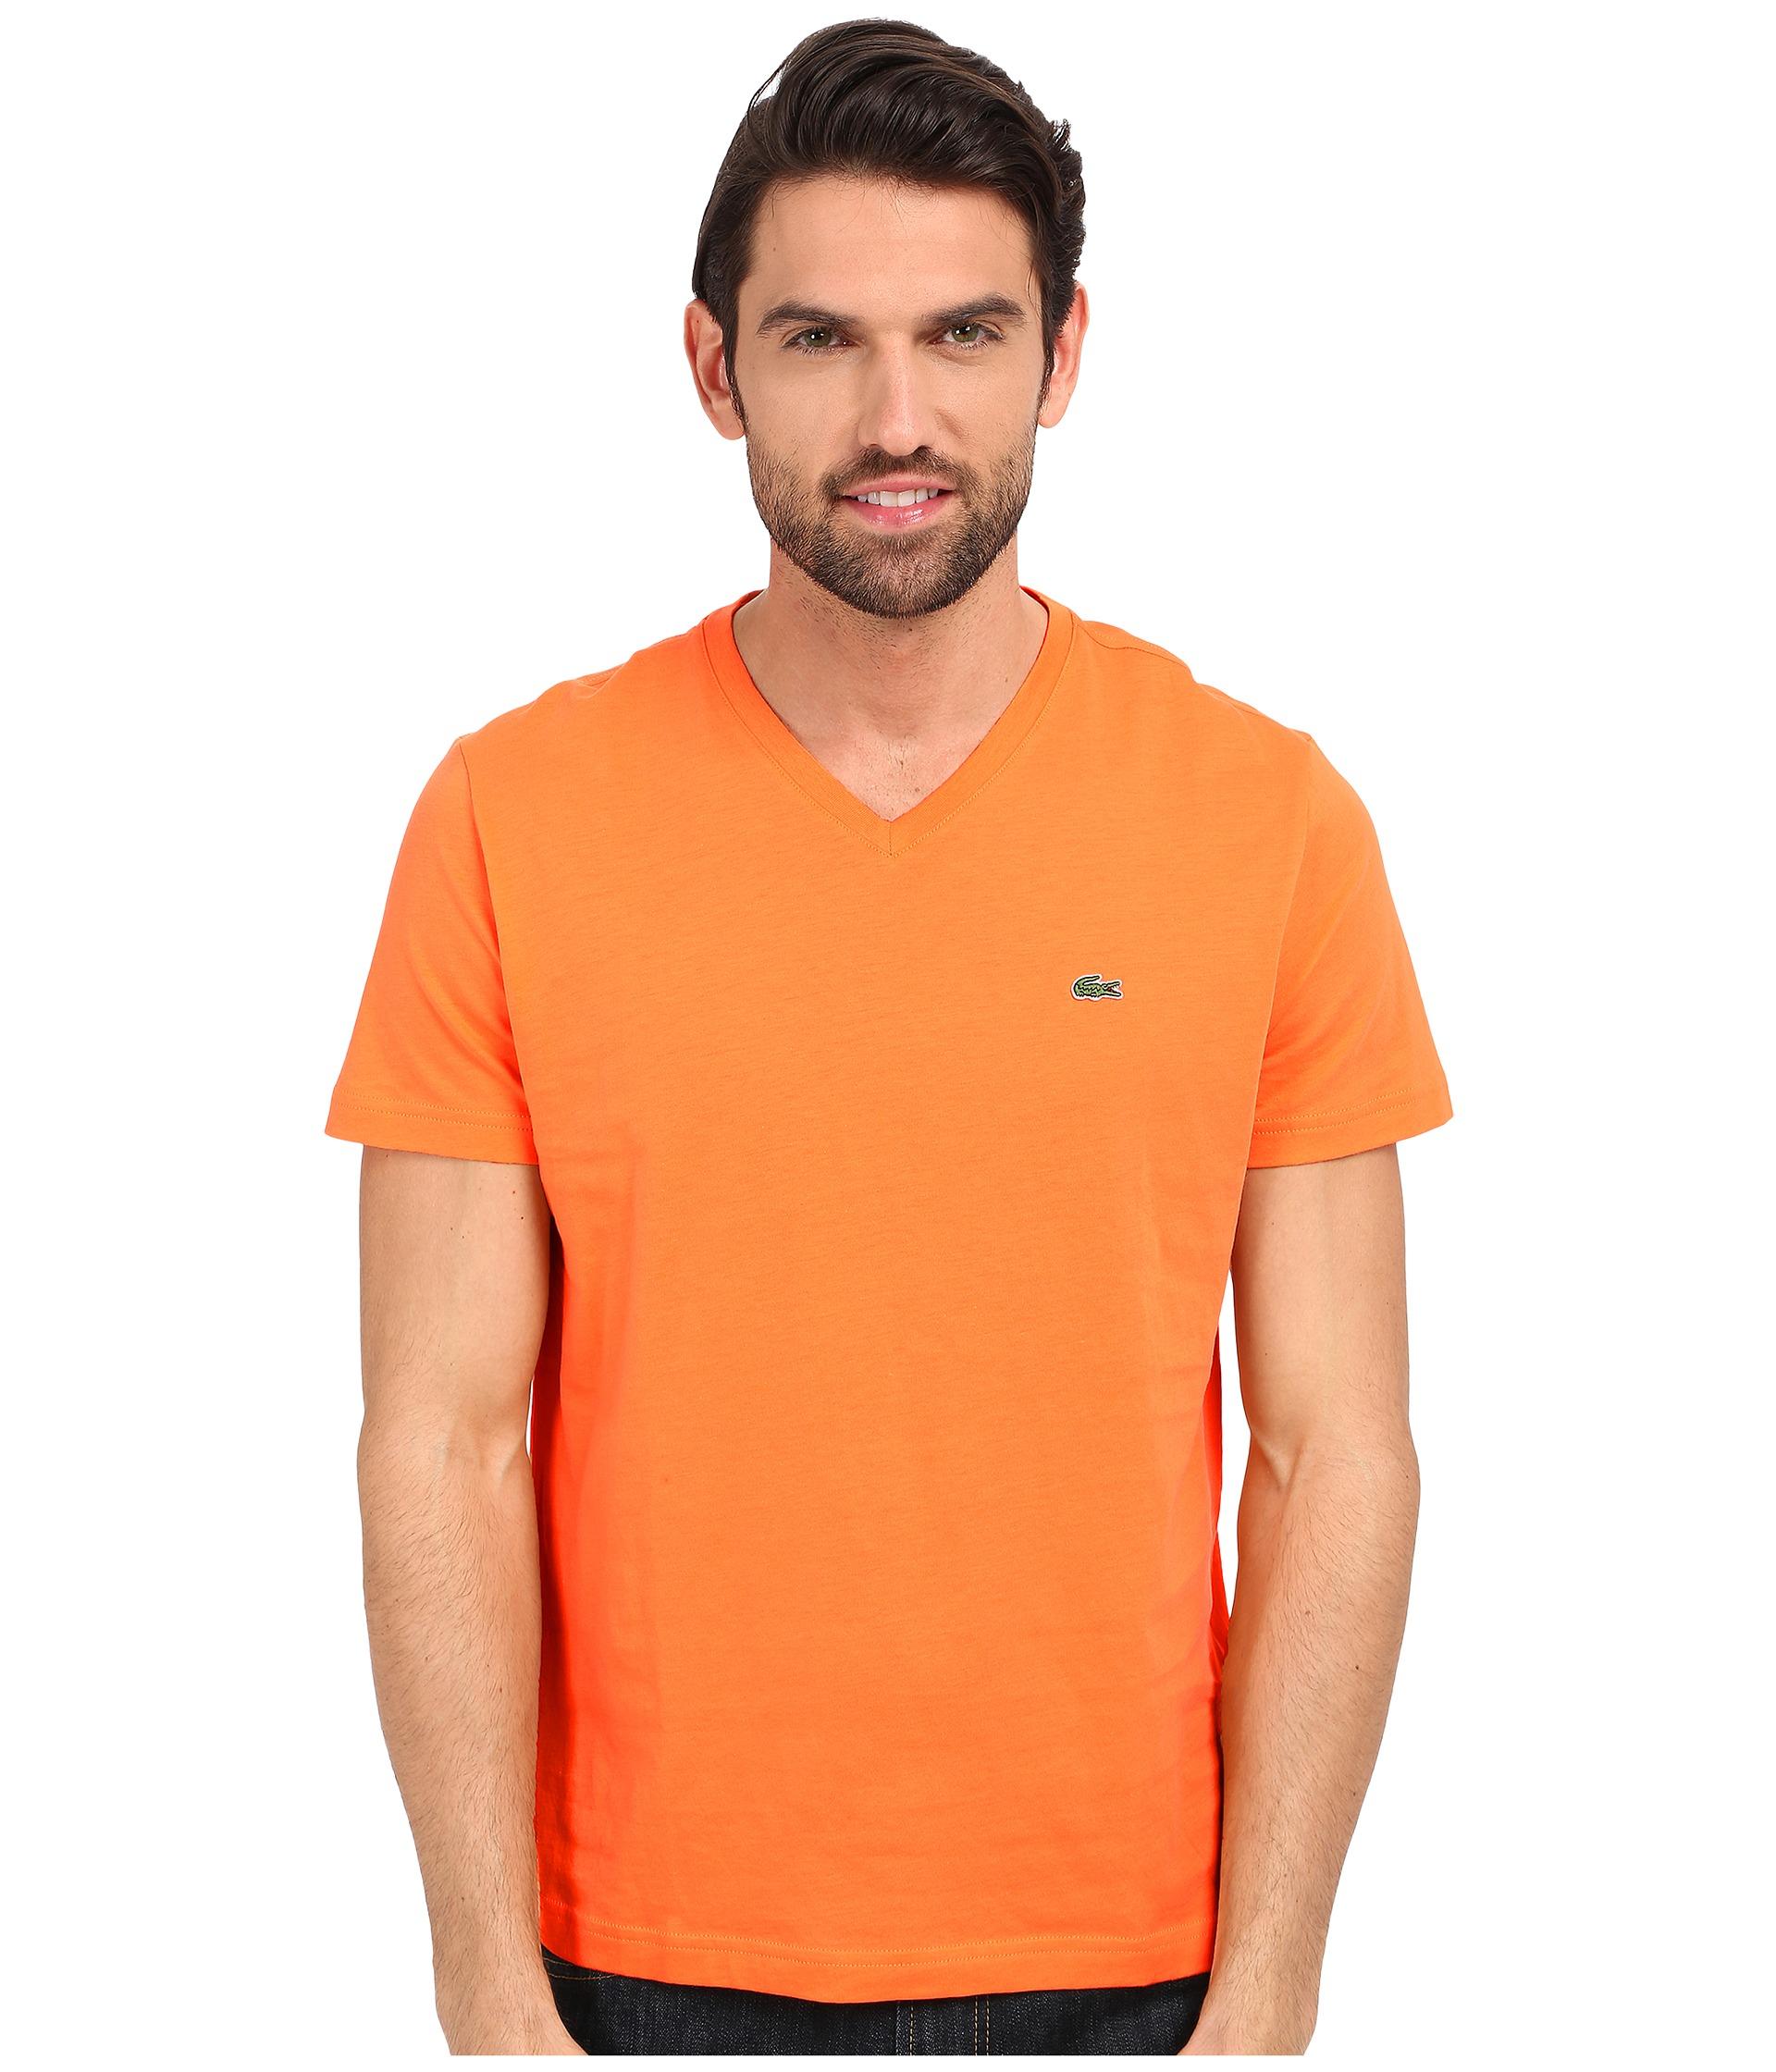 lacoste s s pima jersey v neck t shirt in orange for men. Black Bedroom Furniture Sets. Home Design Ideas